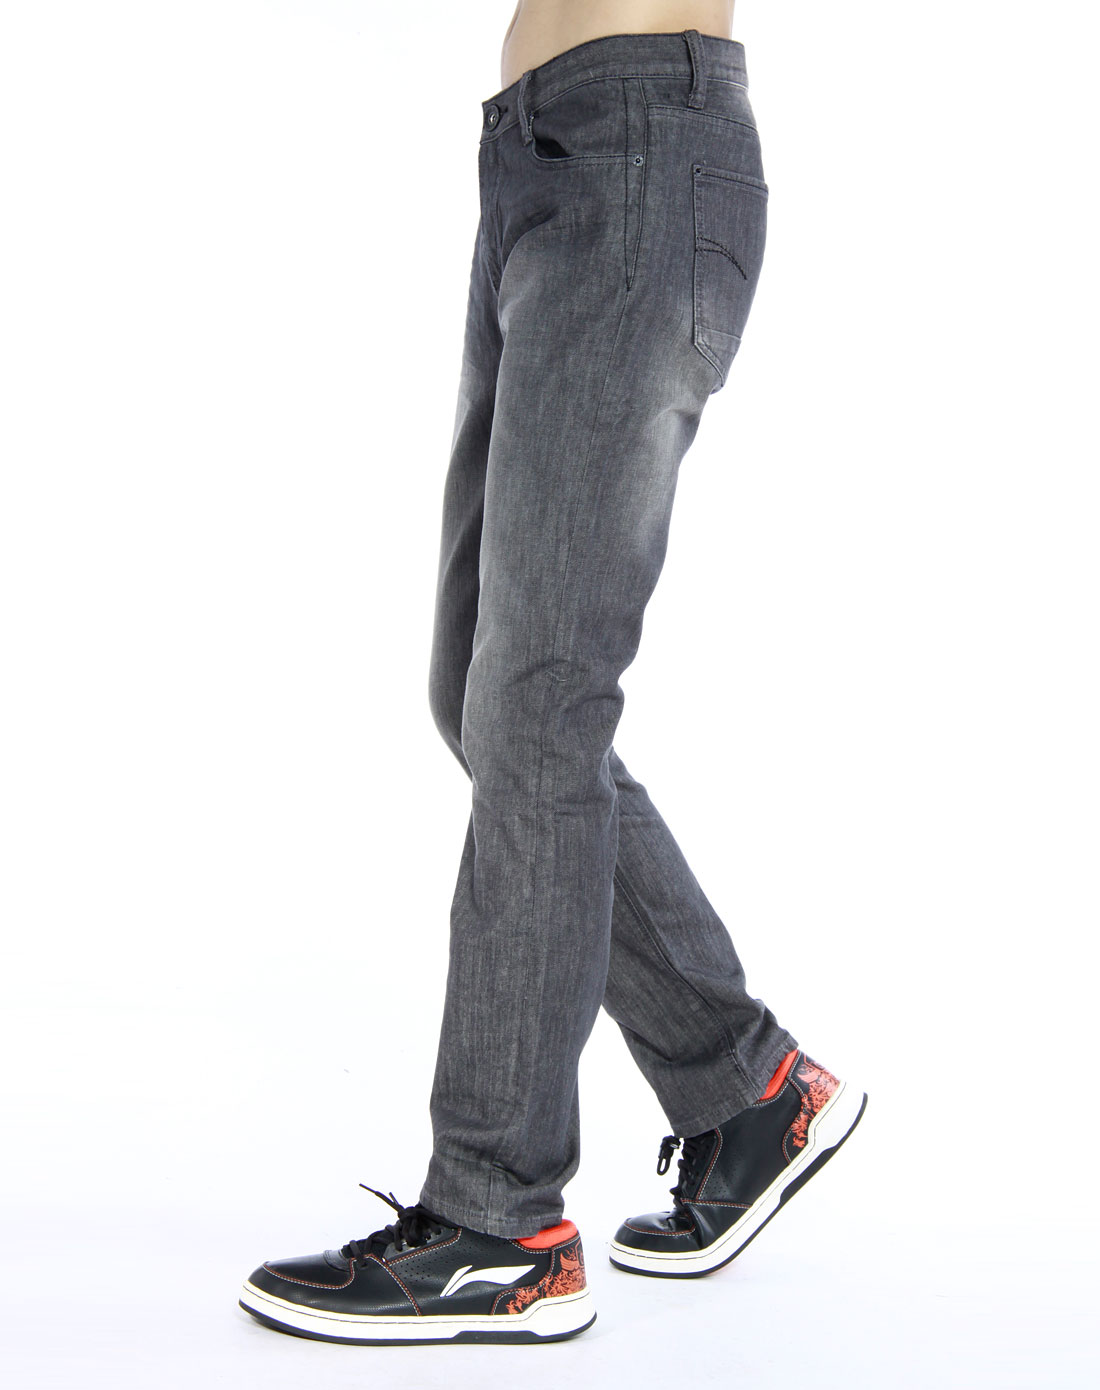 森马-男装铁灰色休闲牛仔长裤013141506-889图片